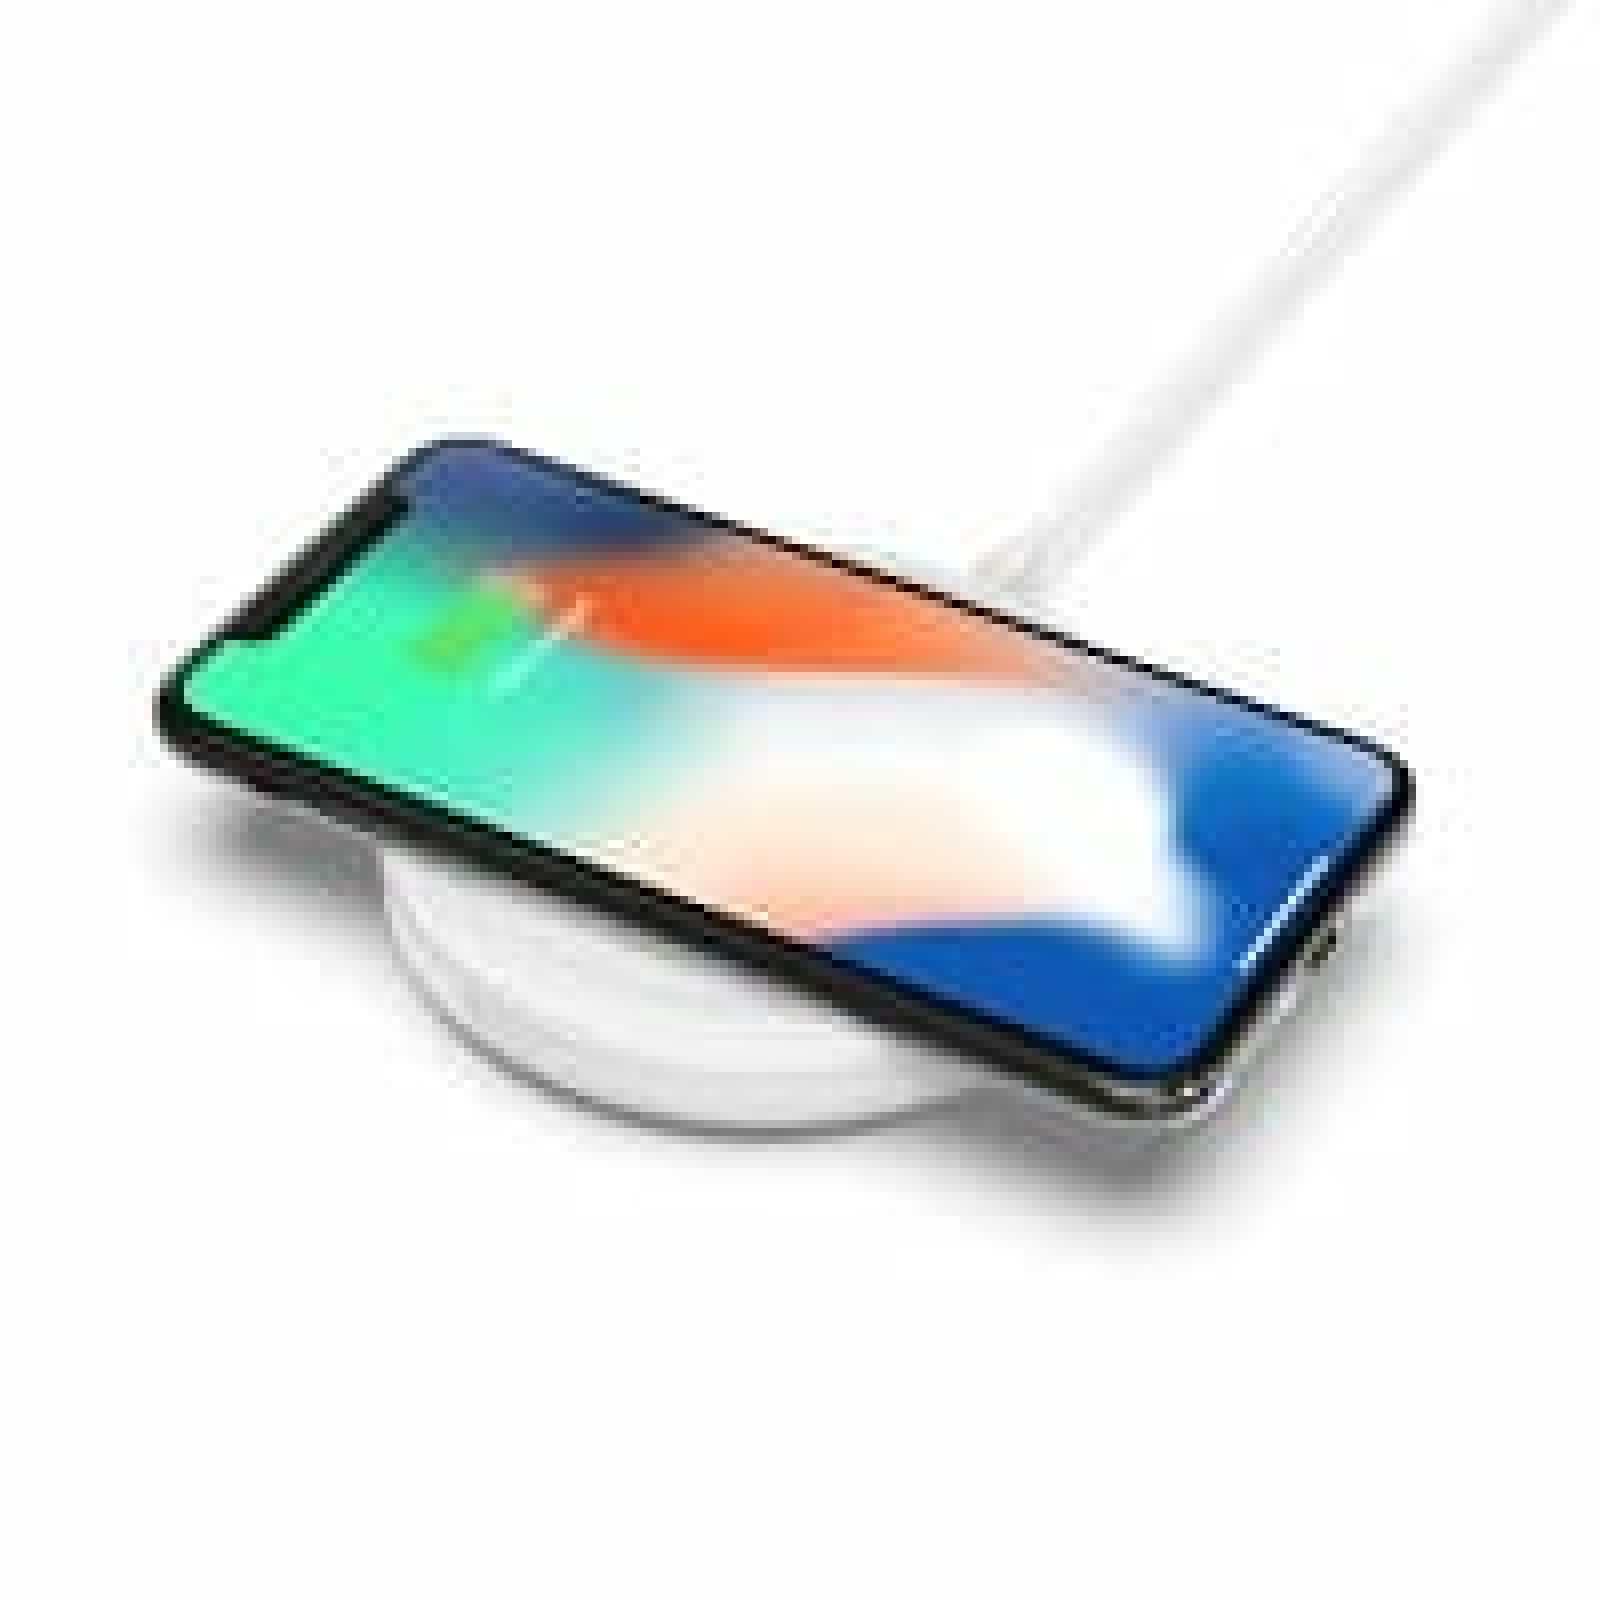 - F7U050 Bold Charging Pad iPhone 3 5 - Belkin นำเสนอแท่นชาร์จมาตรฐาน Qi™ 2 รุ่นใหม่สู่ตลาดเมืองไทย หลังเปิดตัวอย่างยิ่งใหญ่ในงาน CES 2018 ที่ผ่านมา  พันธมิตรอันดับหนึ่งด้านพลังงานสำหรับสมาร์ทโฟนของงาน CES 2018  พร้อมรุกตลาดแท่นชาร์จเกรดพรีเมียมในเมืองไทย